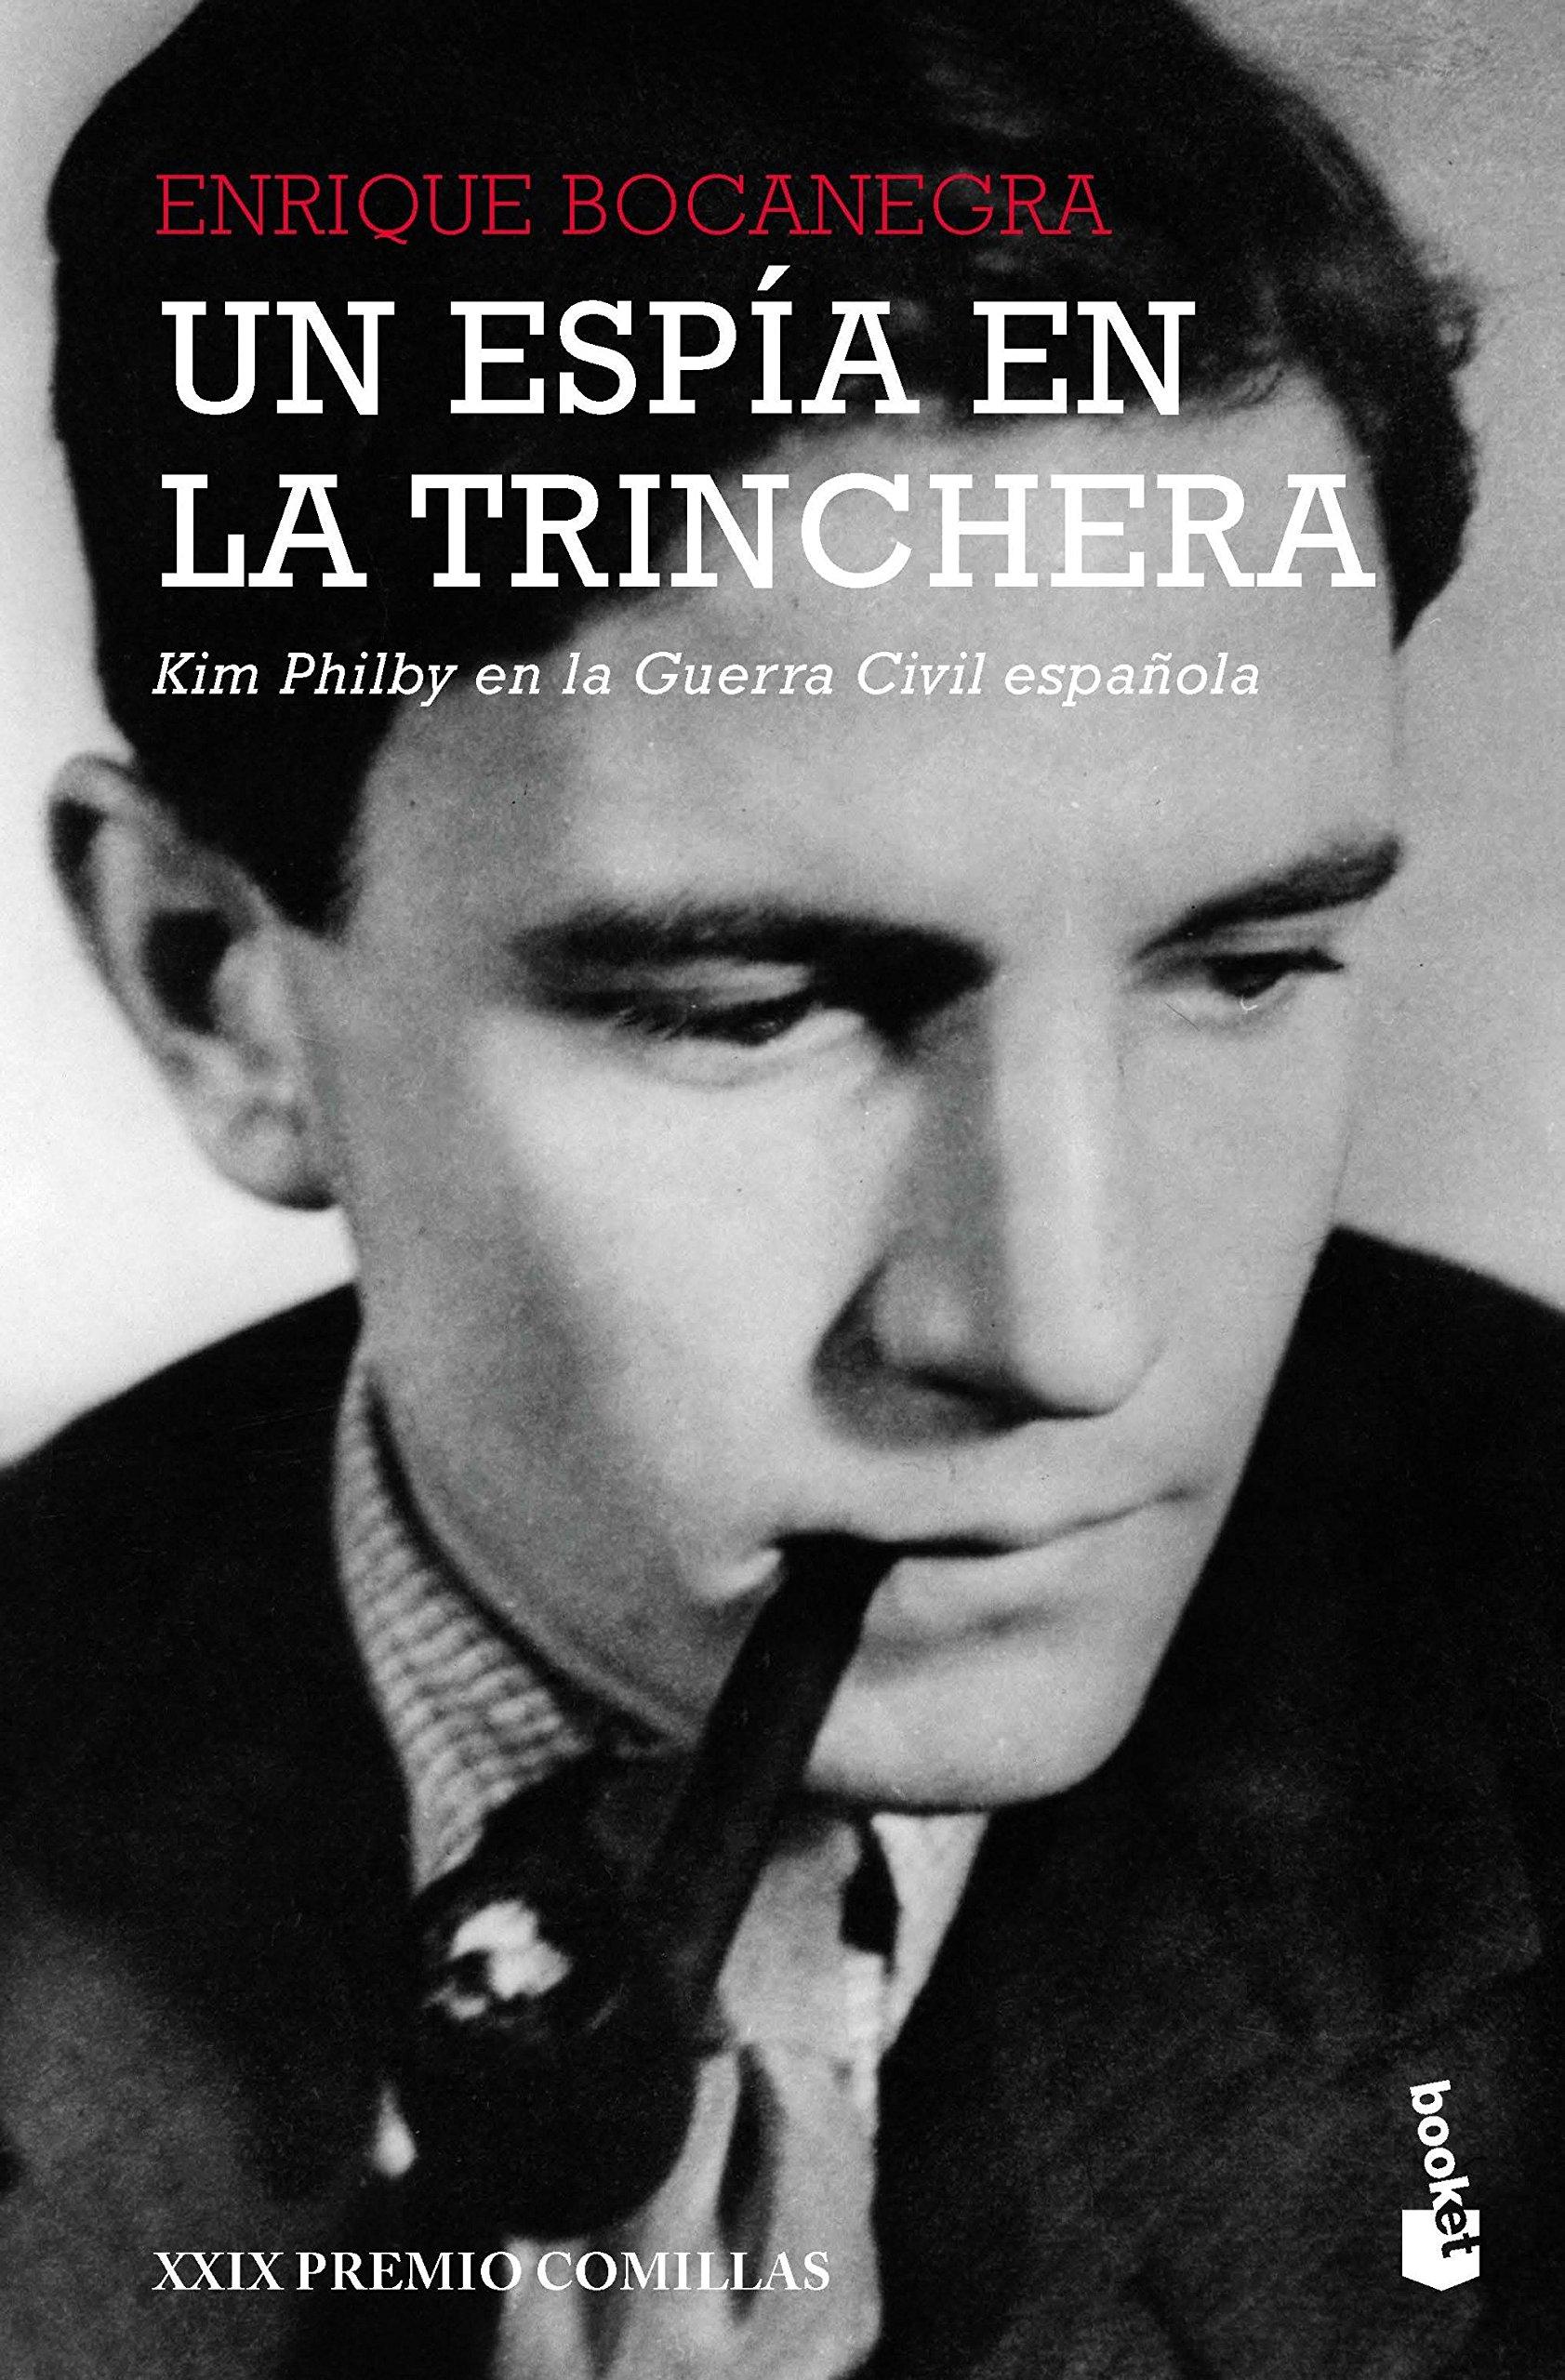 Un espía en la trinchera: Kim Philby en la guerra civil española. XXIX Premio Comillas: 3 Divulgación: Amazon.es: Bocanegra Vidal, Enrique: Libros